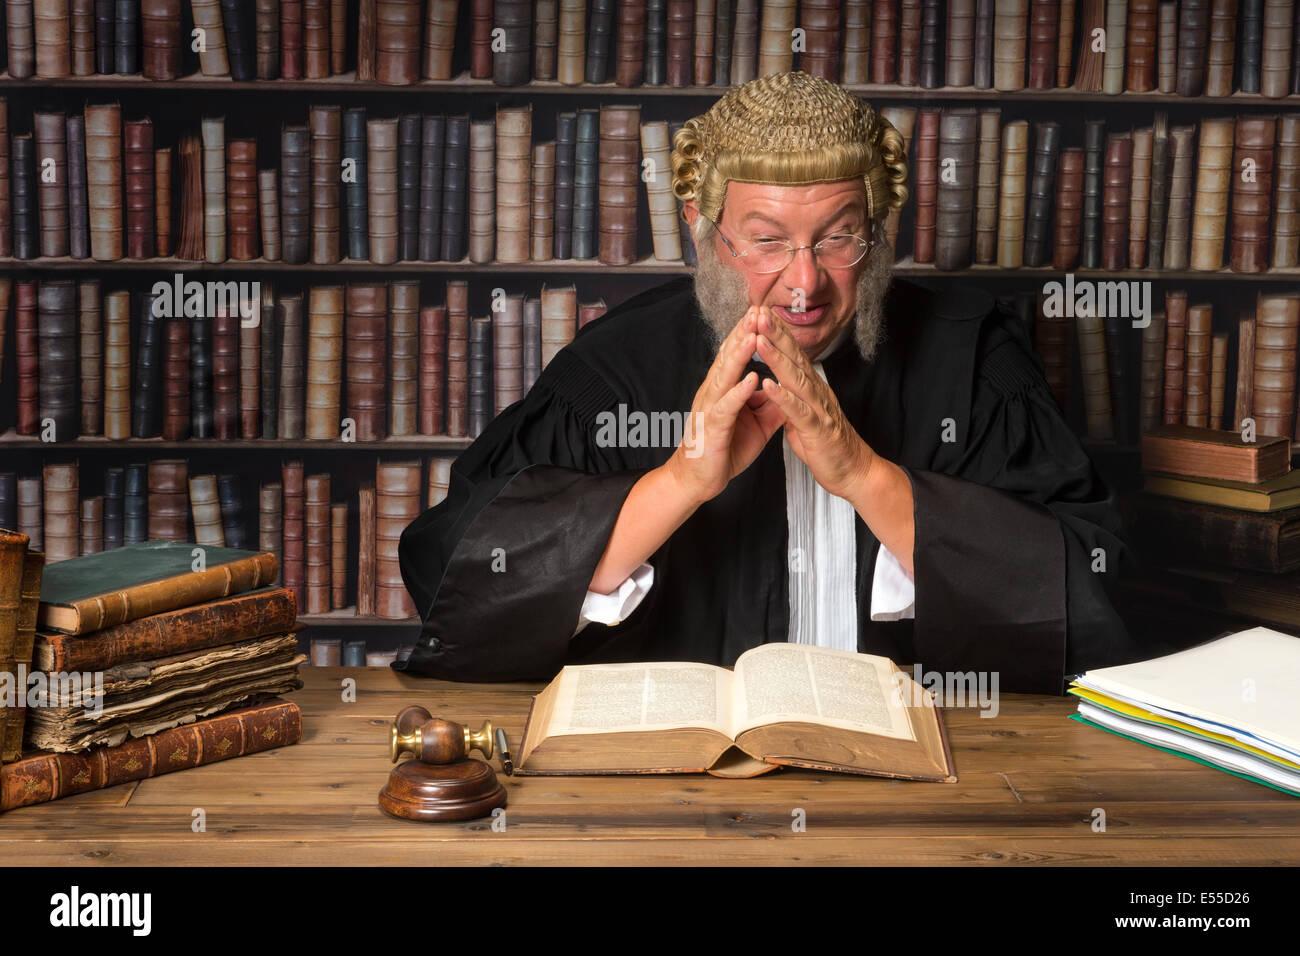 La cour juge en maturité consulting law books Photo Stock